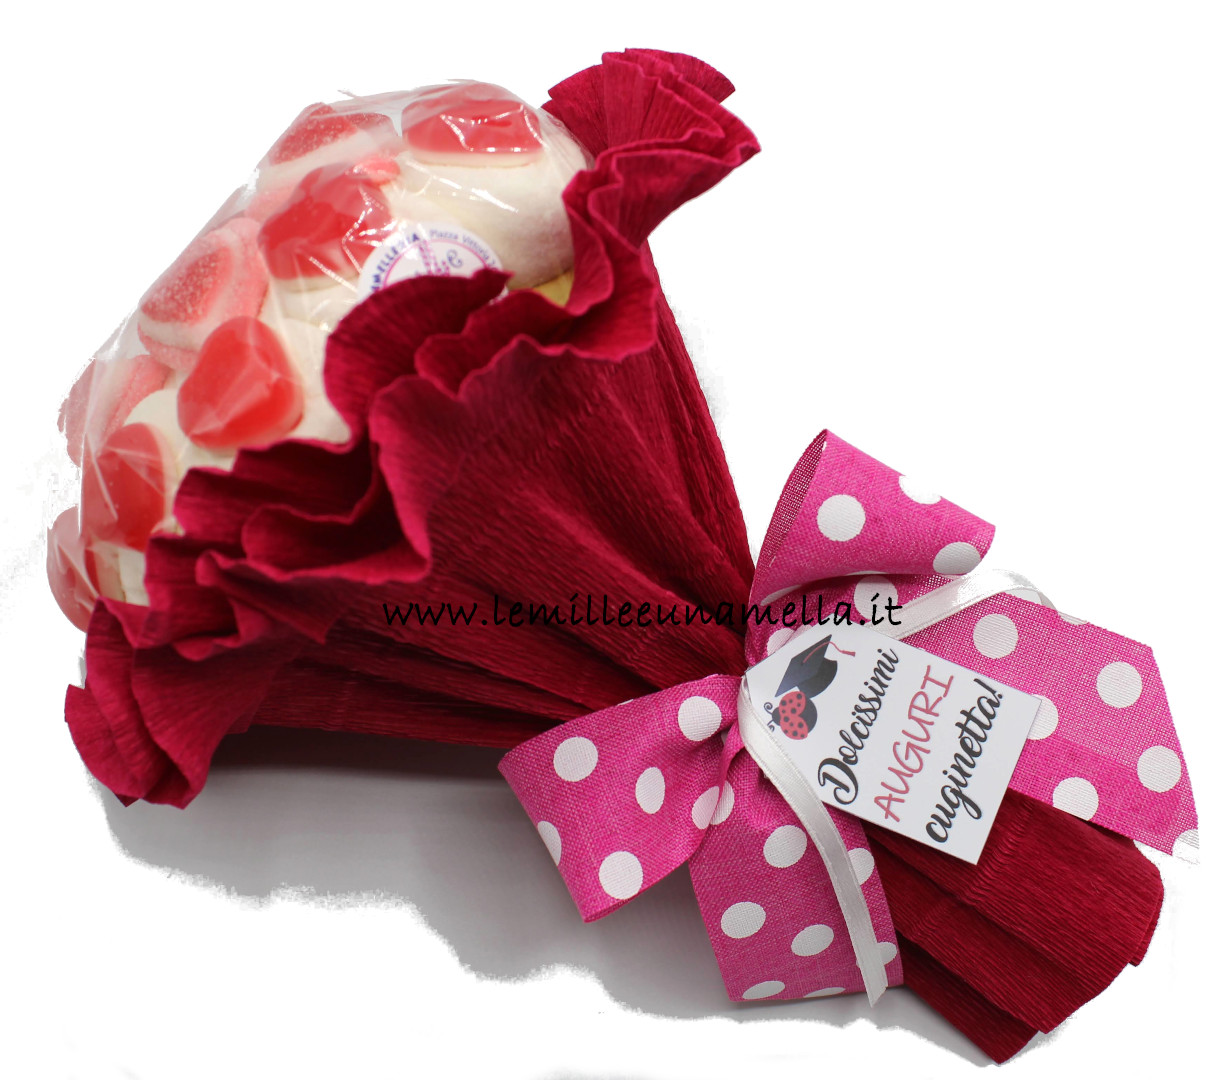 bouquet di marshmallow e cuoricini gommosi con messaggio auguri personalizzato vendita online Le Mille e una Mella